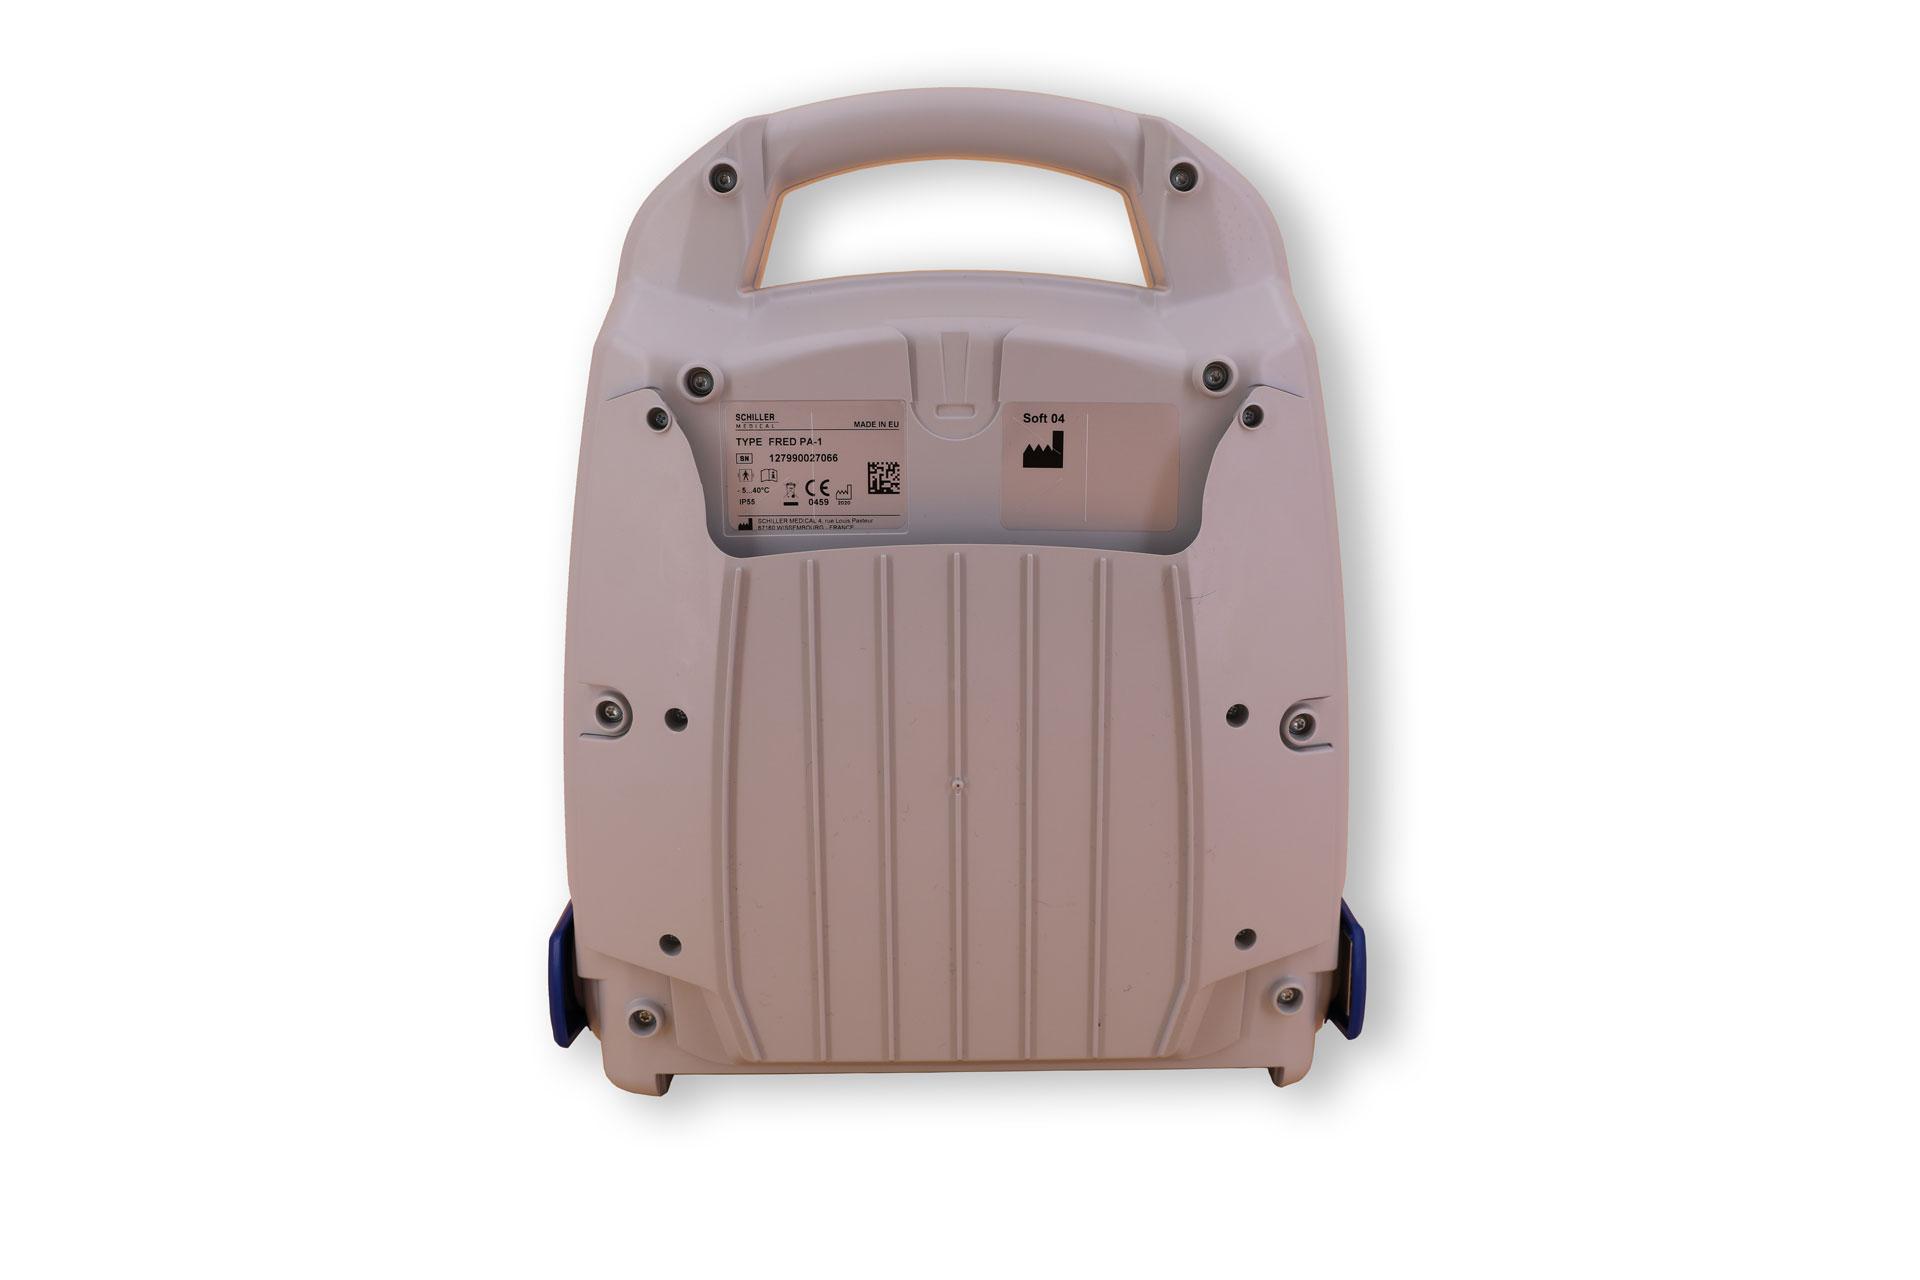 Notfallretter.de® Basic AED - von hinten